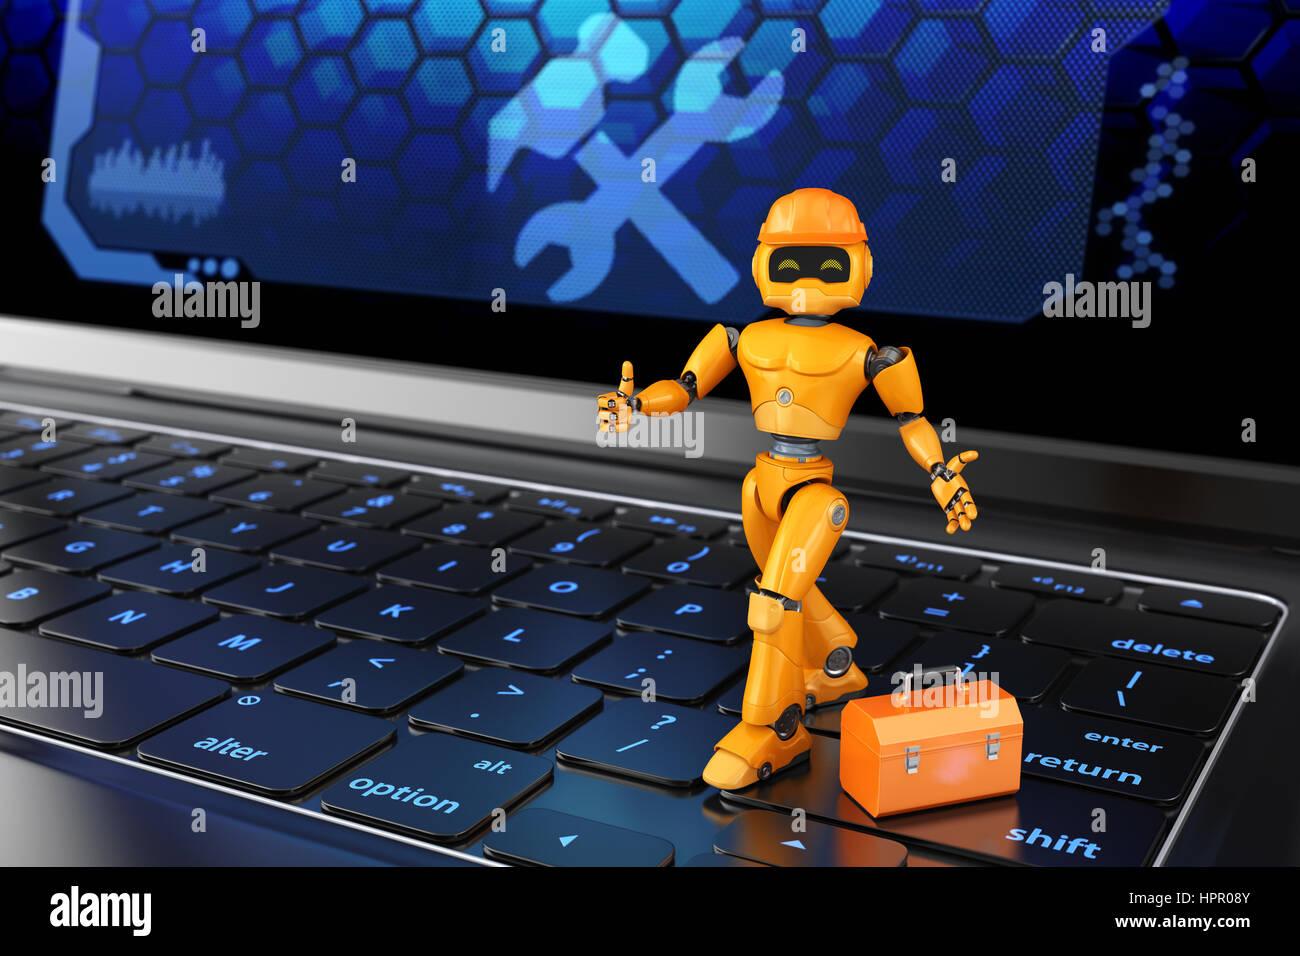 Pequeño robot reparador de pie en el teclado. Ilustración 3D Imagen De Stock